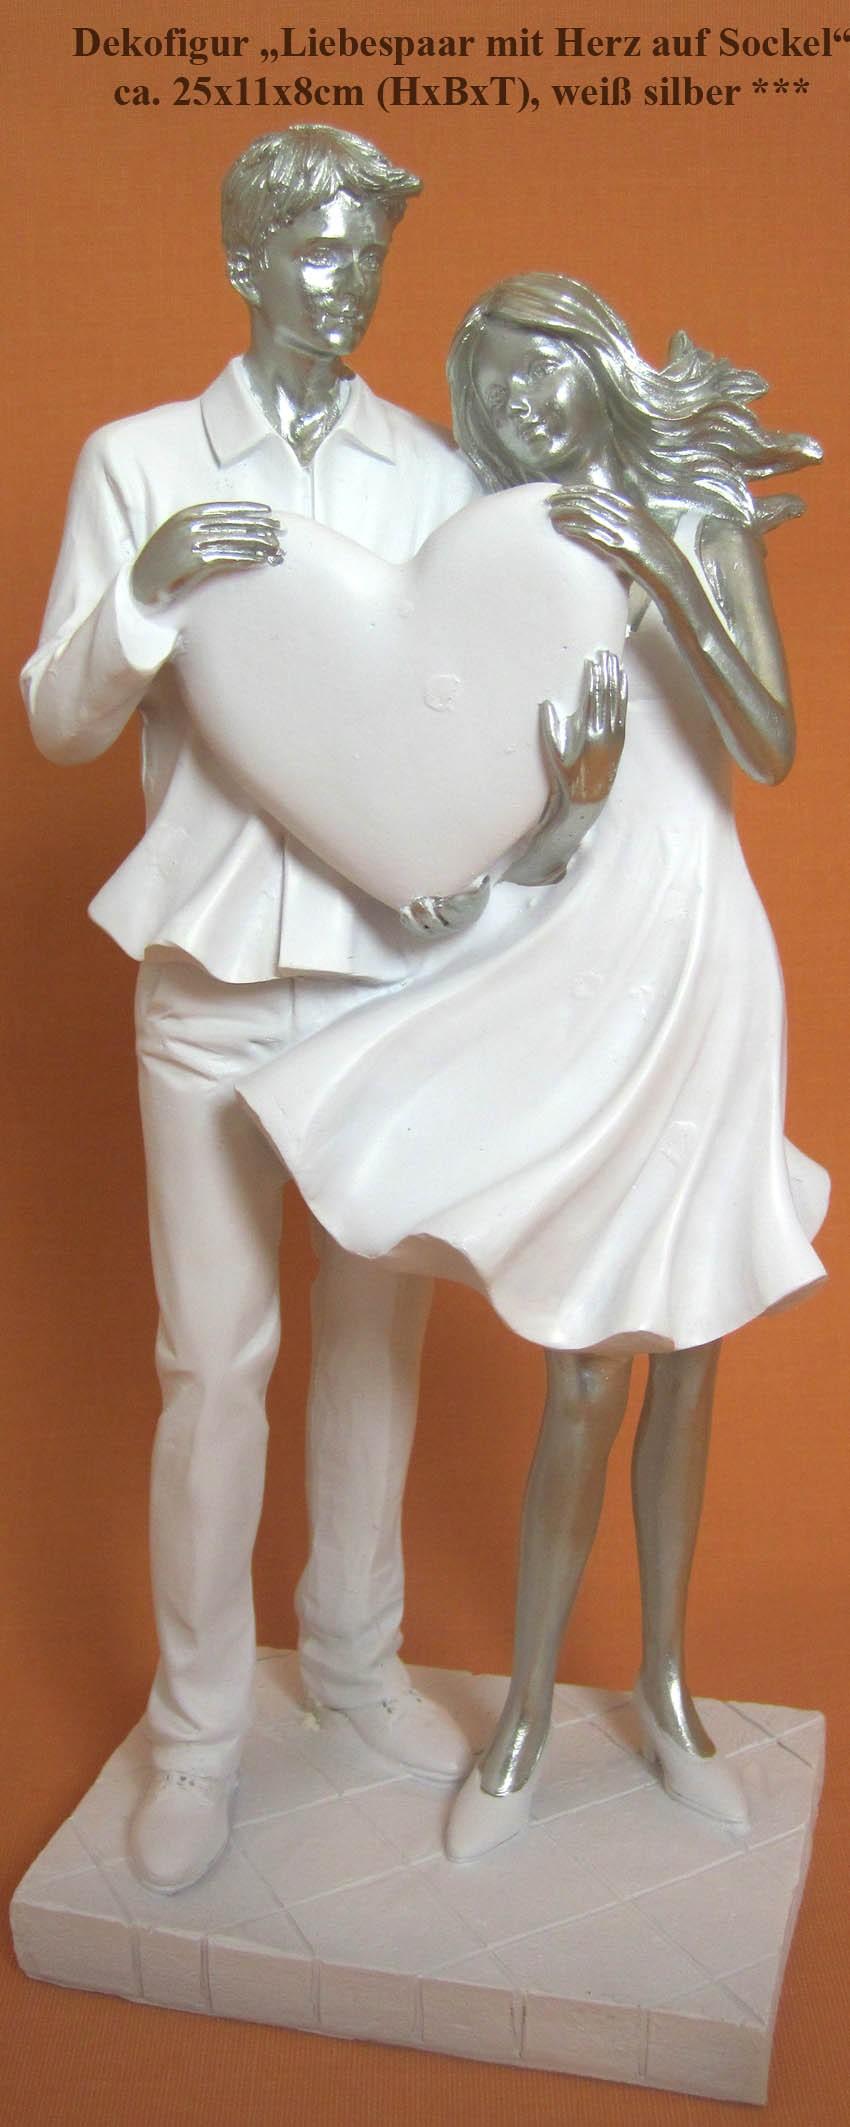 Dekofigur Paar mit Herz stehend auf Sockel, weiß silber, ca. 25x11x8 cm (HxBxT)